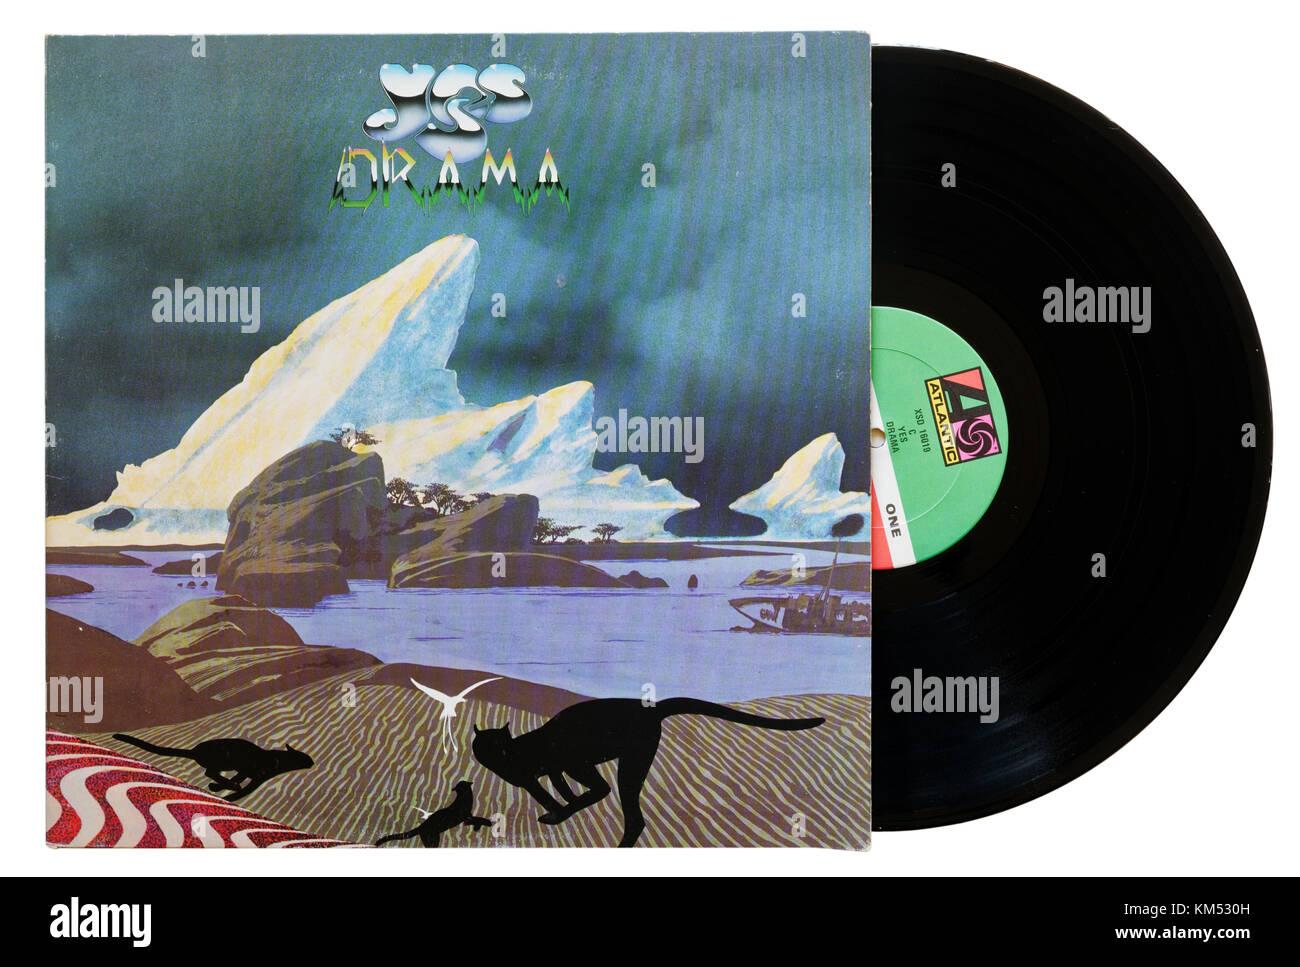 Yes Drama album - Stock Image